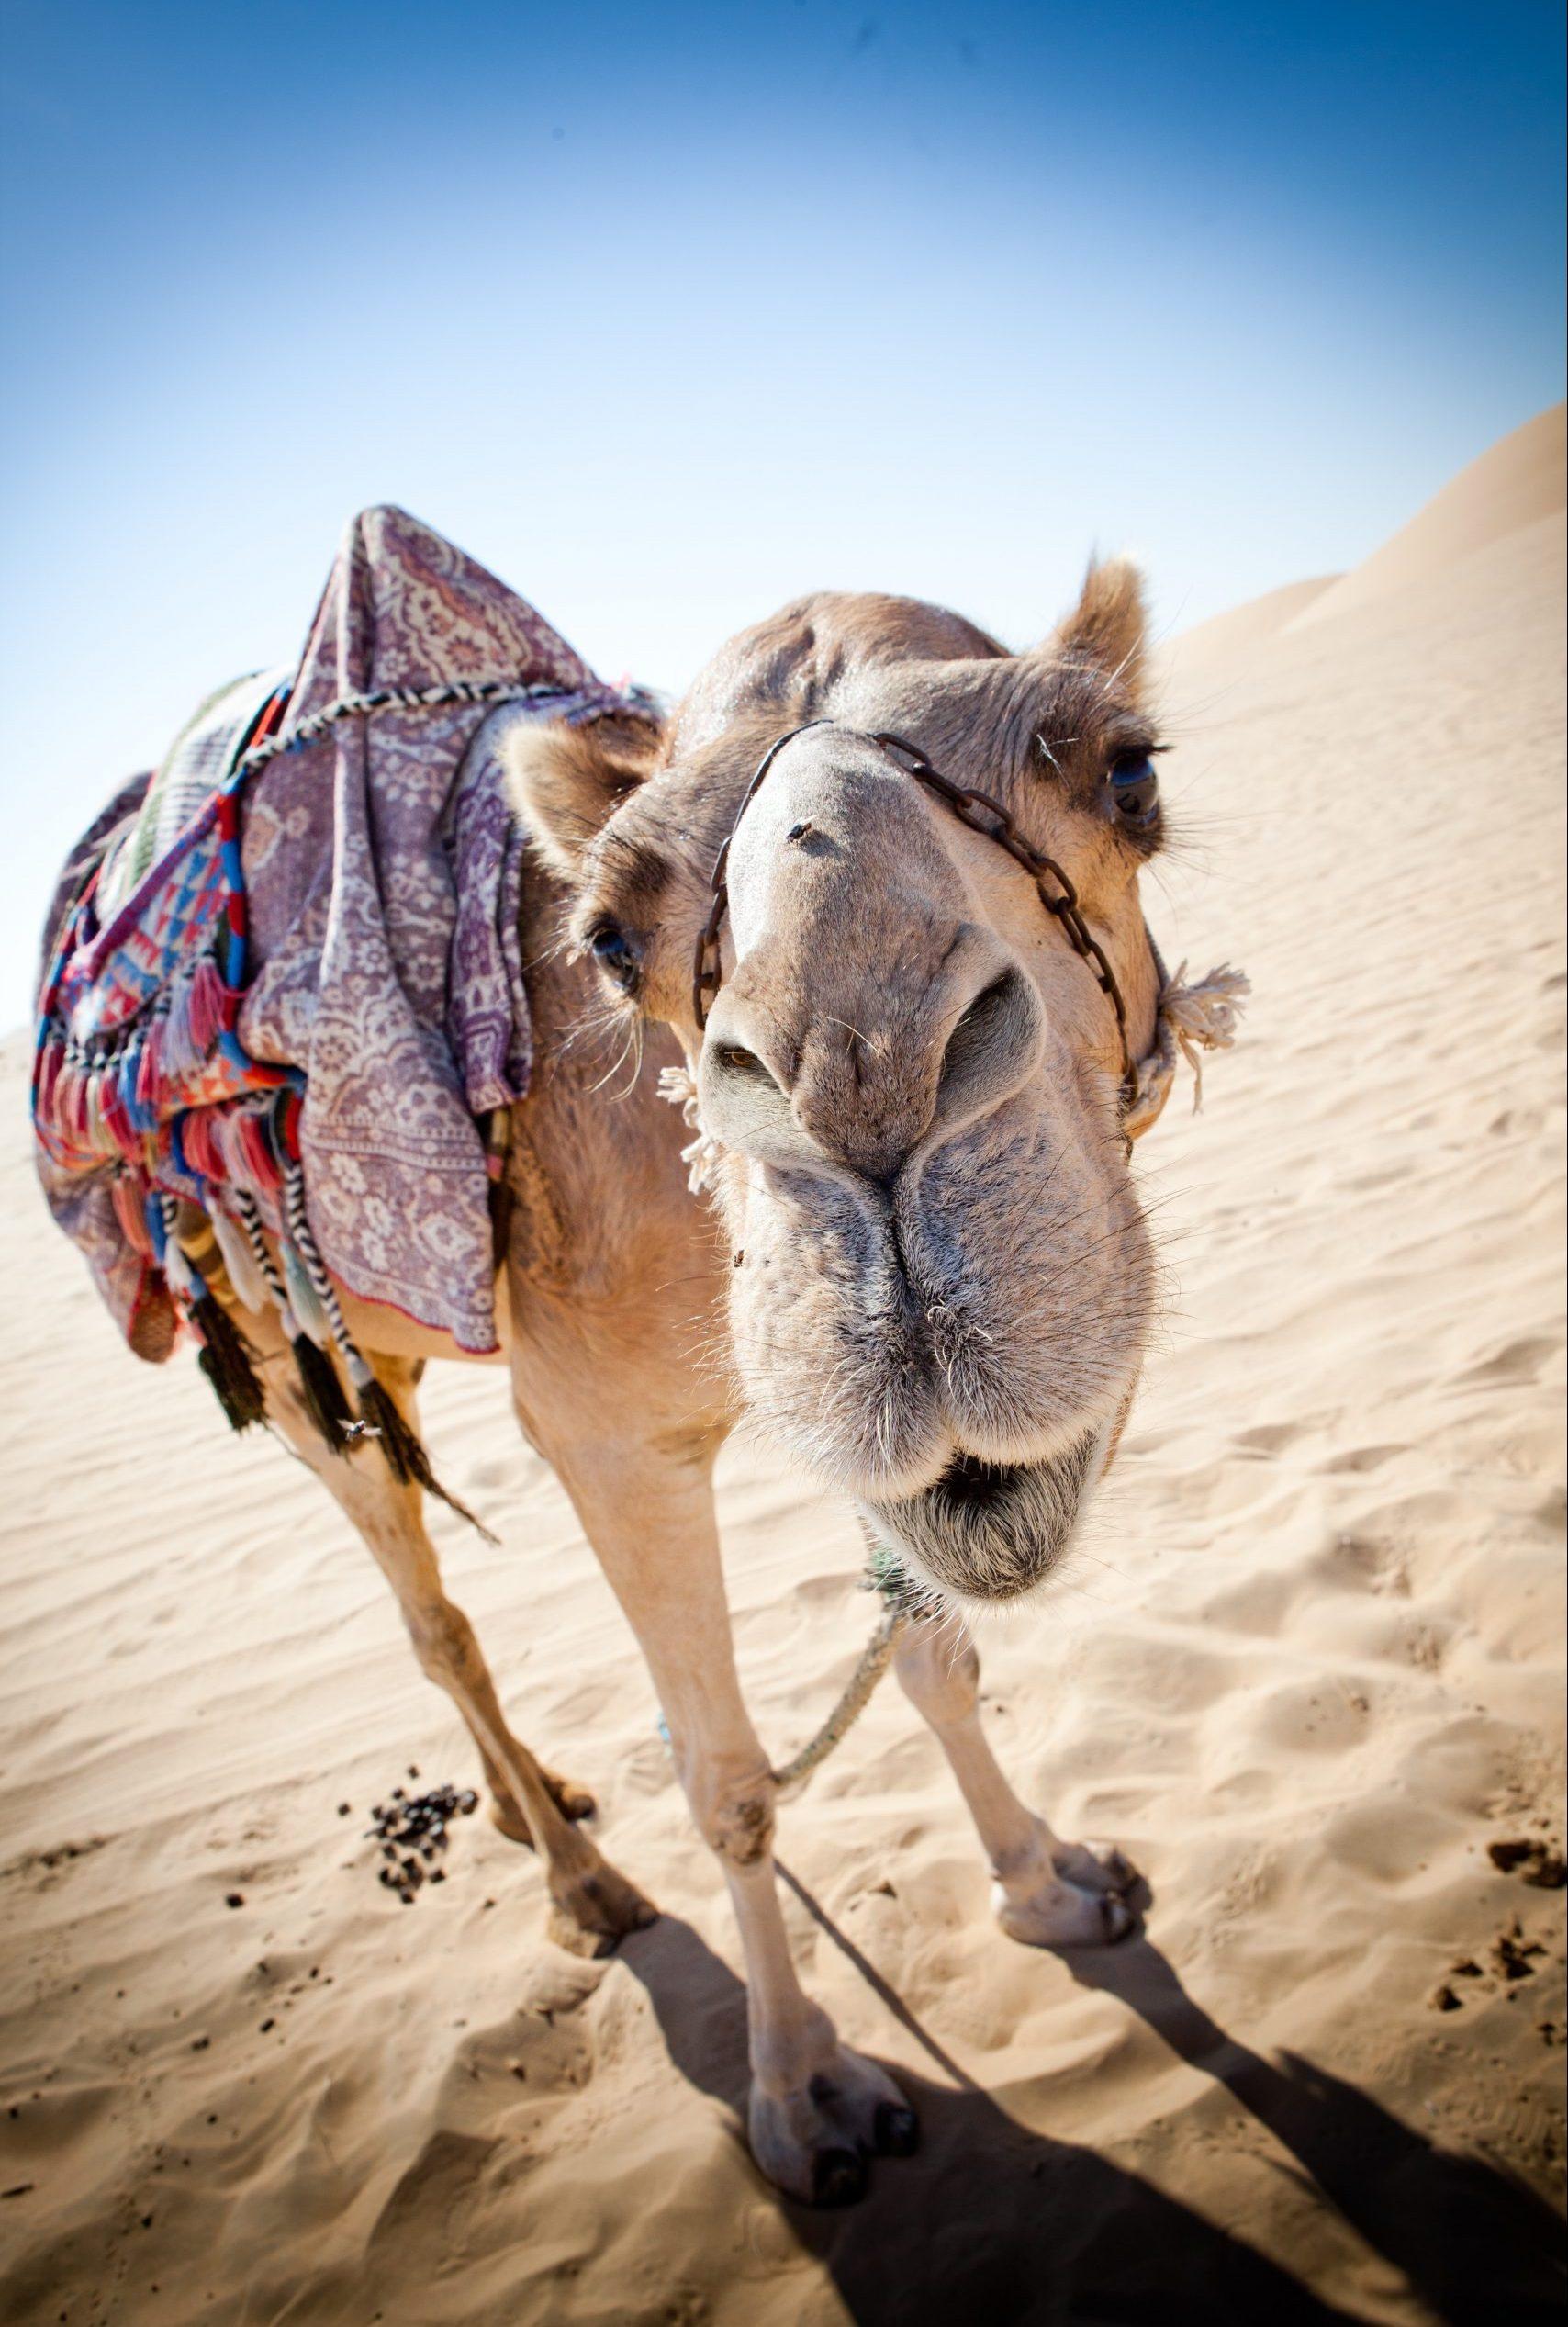 Närgången kamel i Dubai